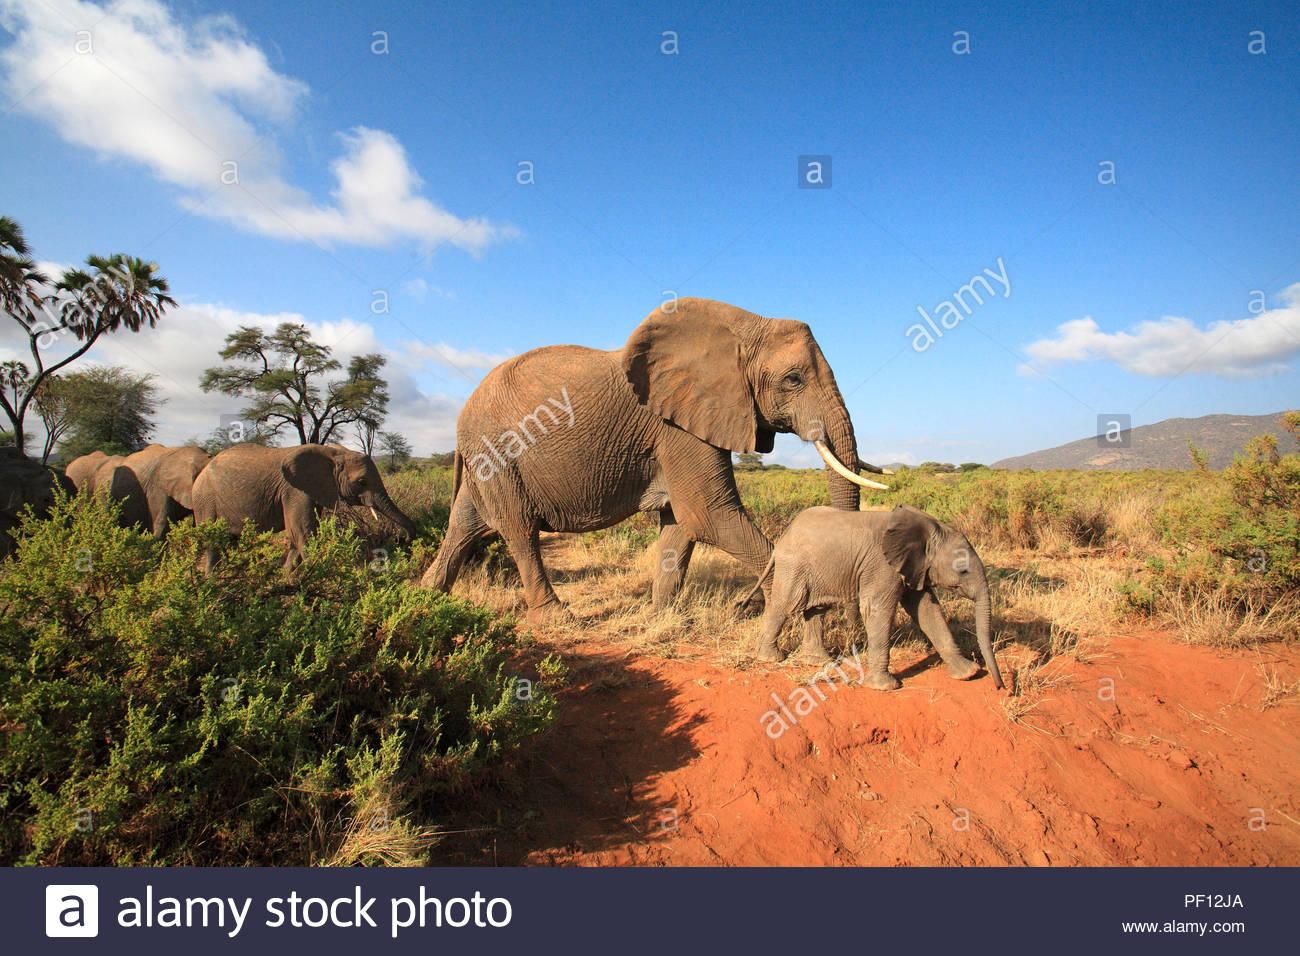 Afrikanische Elefanten (Loxodonta africana), Samburu, Kenia   African bush elephant or African elephant (Loxodonta africana), adults with calf, Sambu - Stock Image